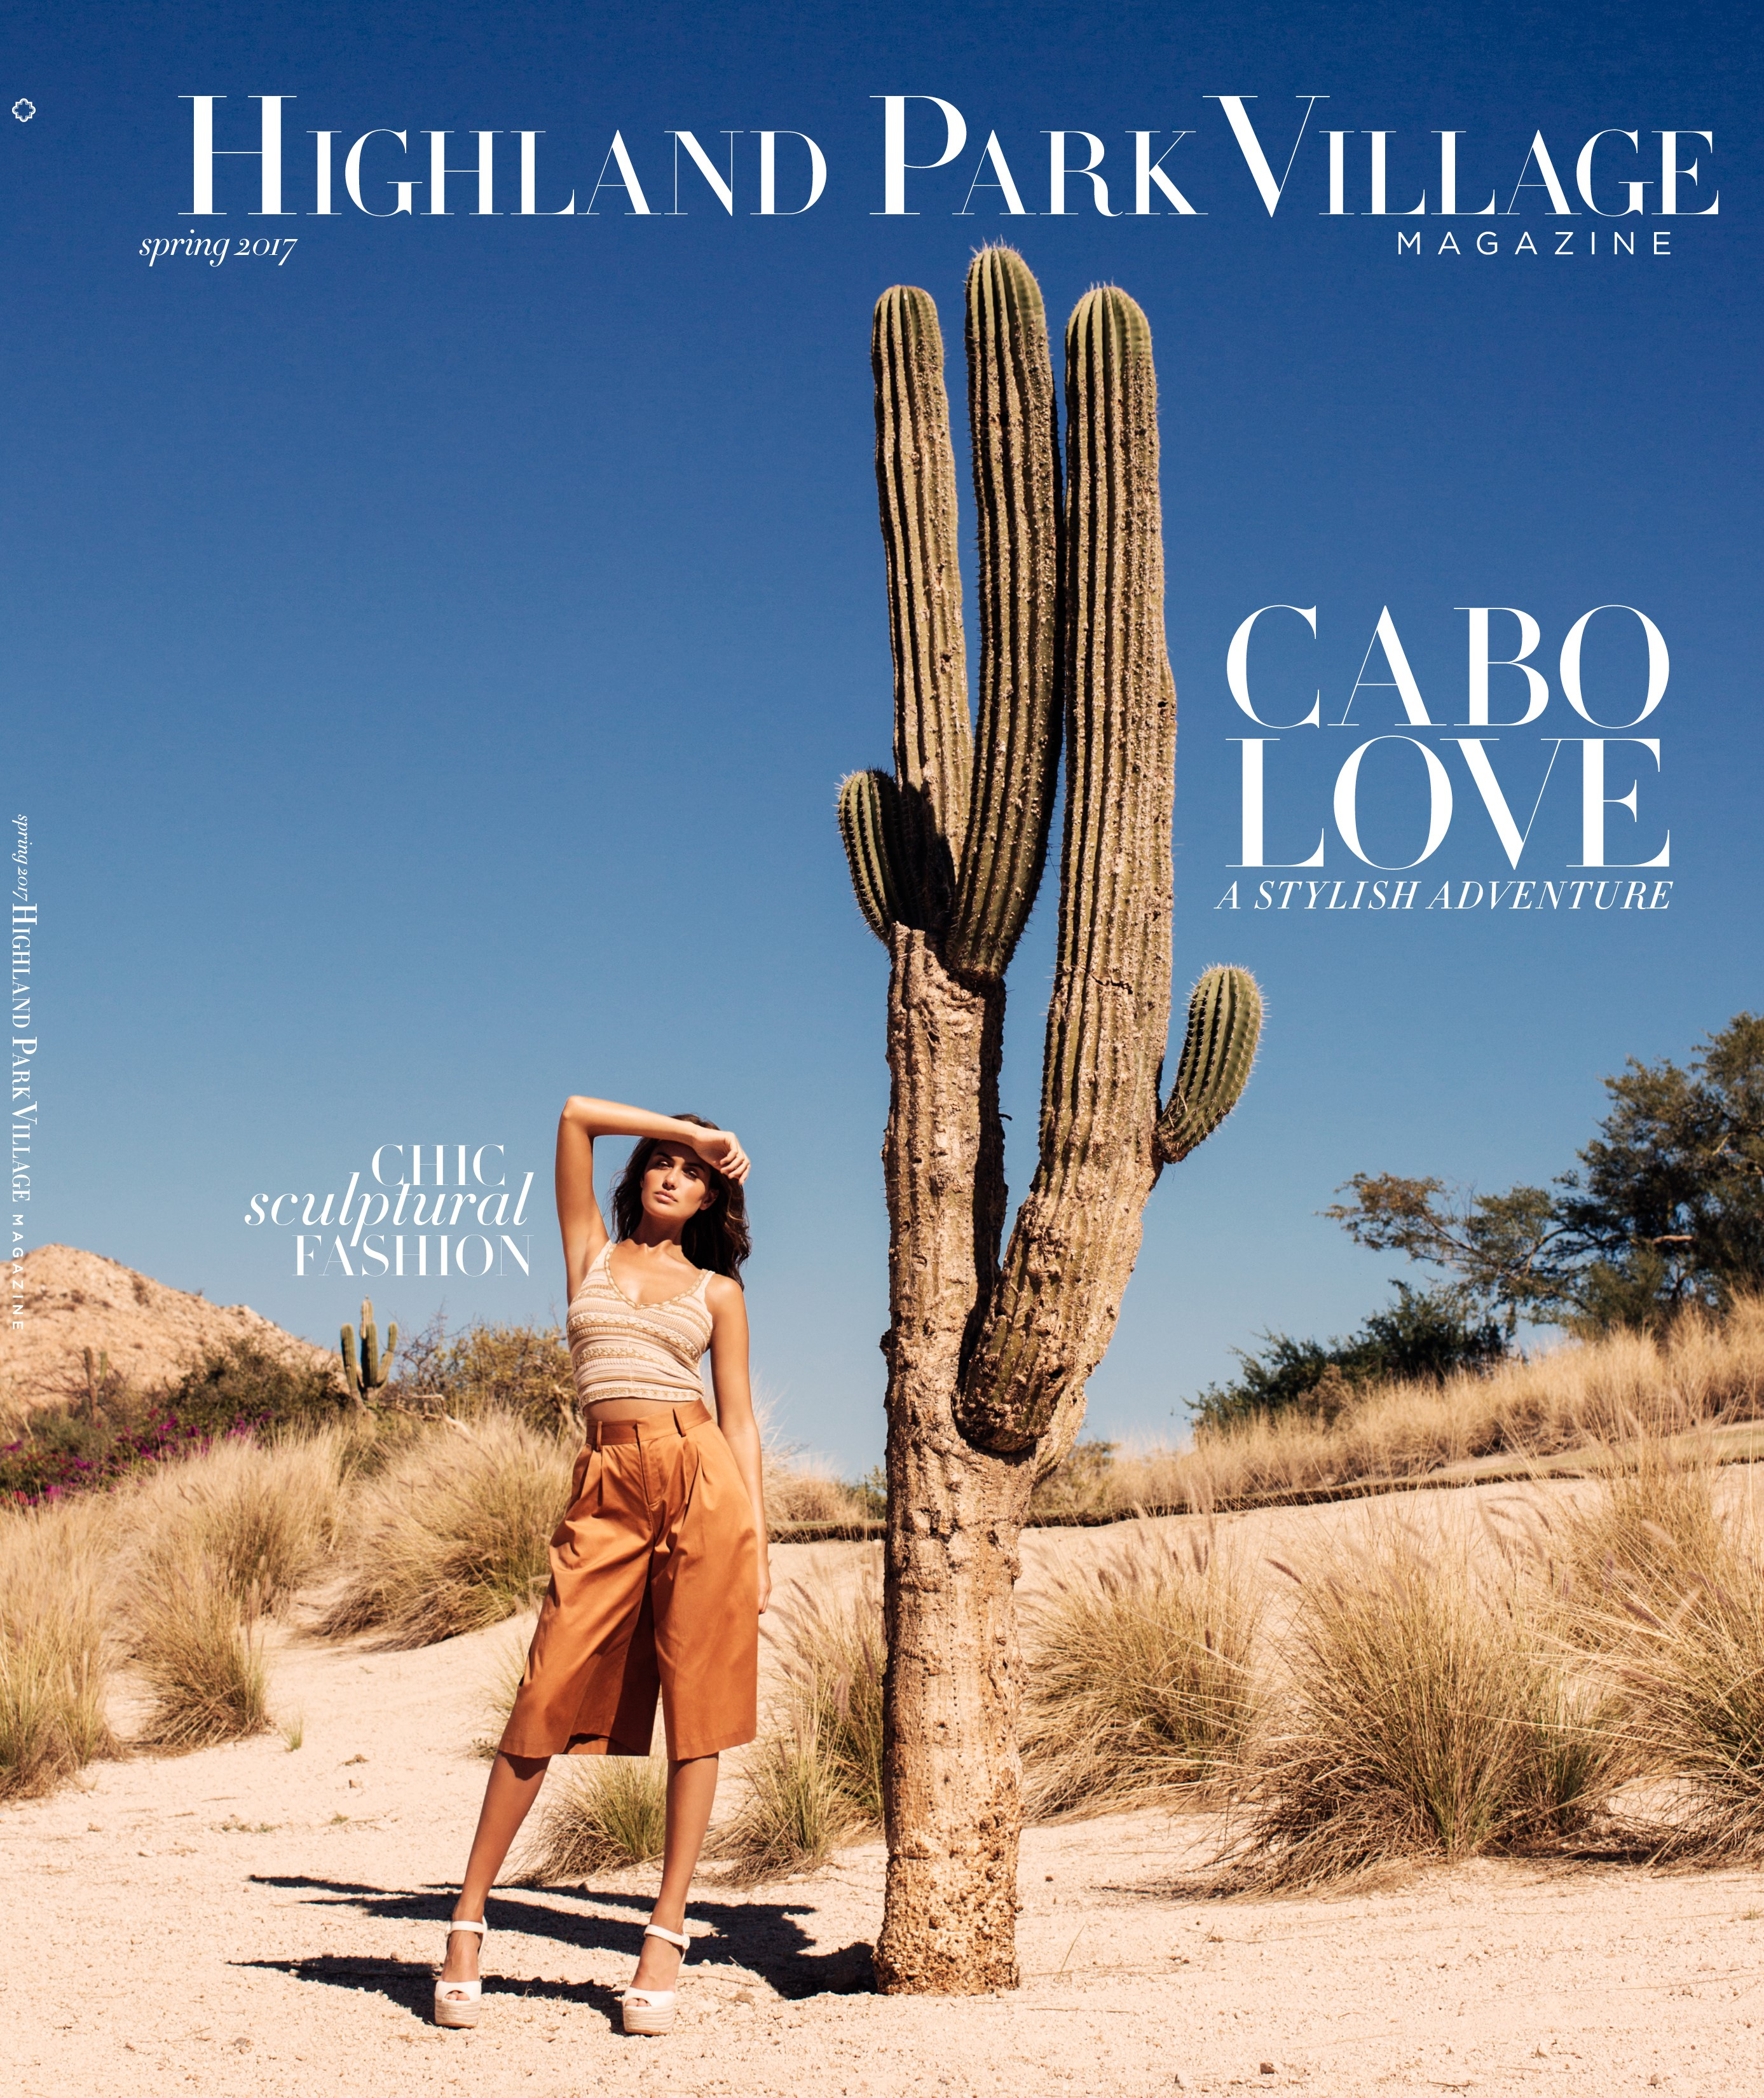 La portada de la revista Spring 17 Highland Park Village.